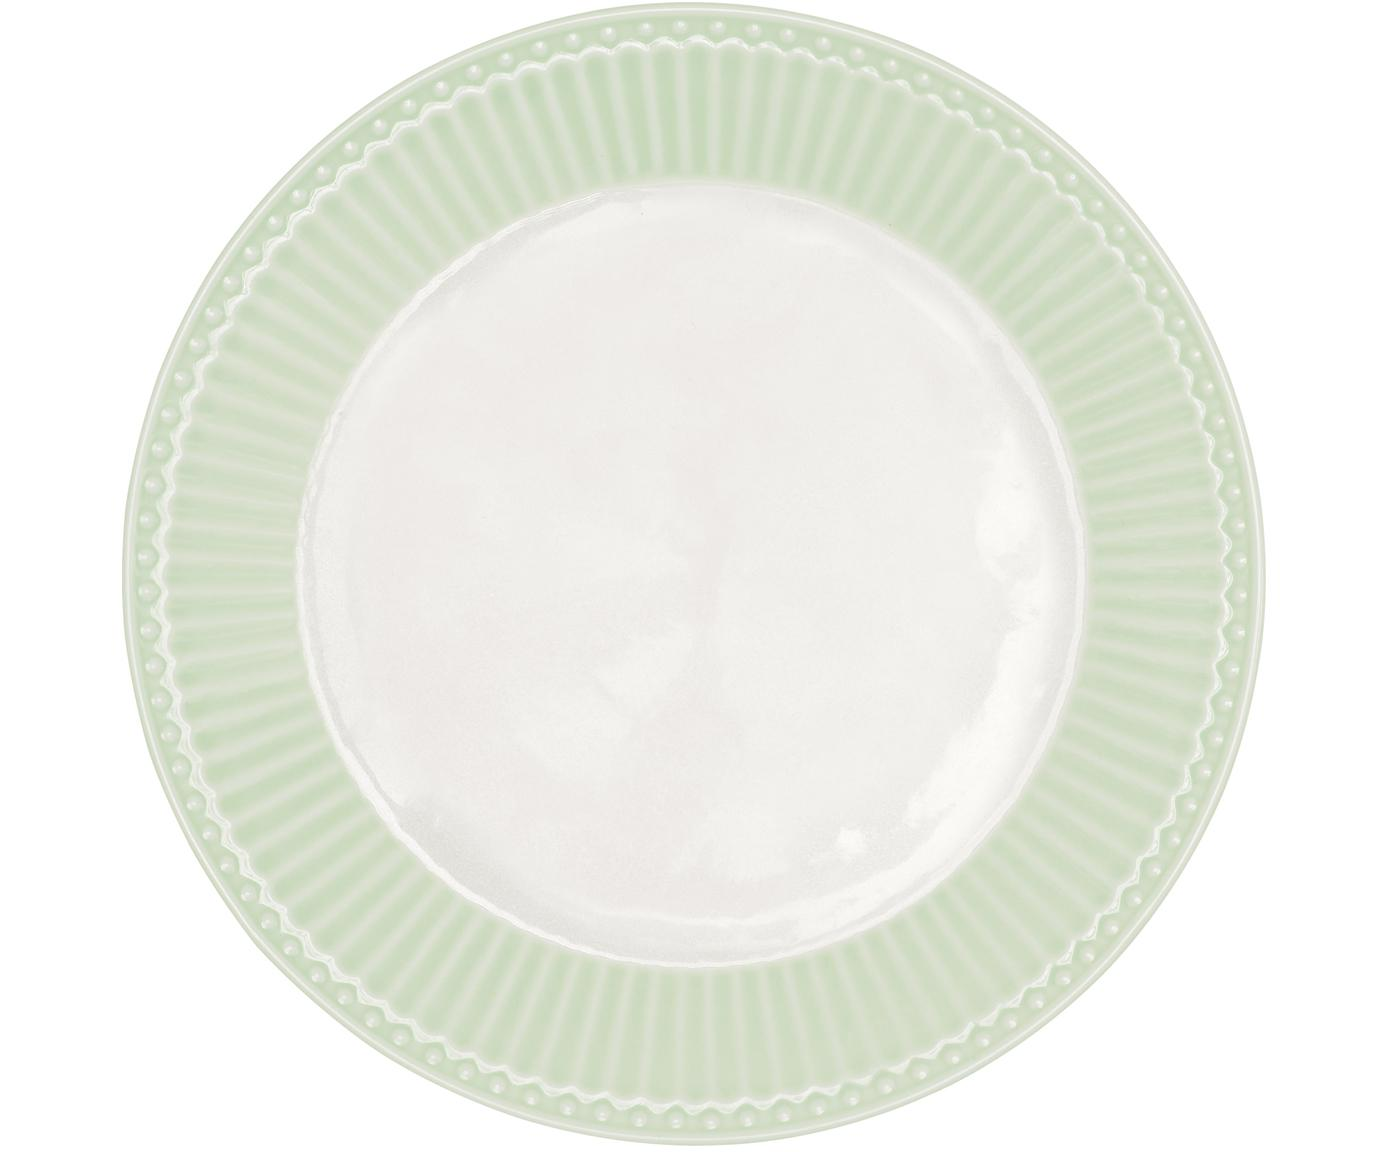 Talerz śniadaniowy Alice, 2 szt., Porcelana, Miętowozielony, biały, Ø 23 cm